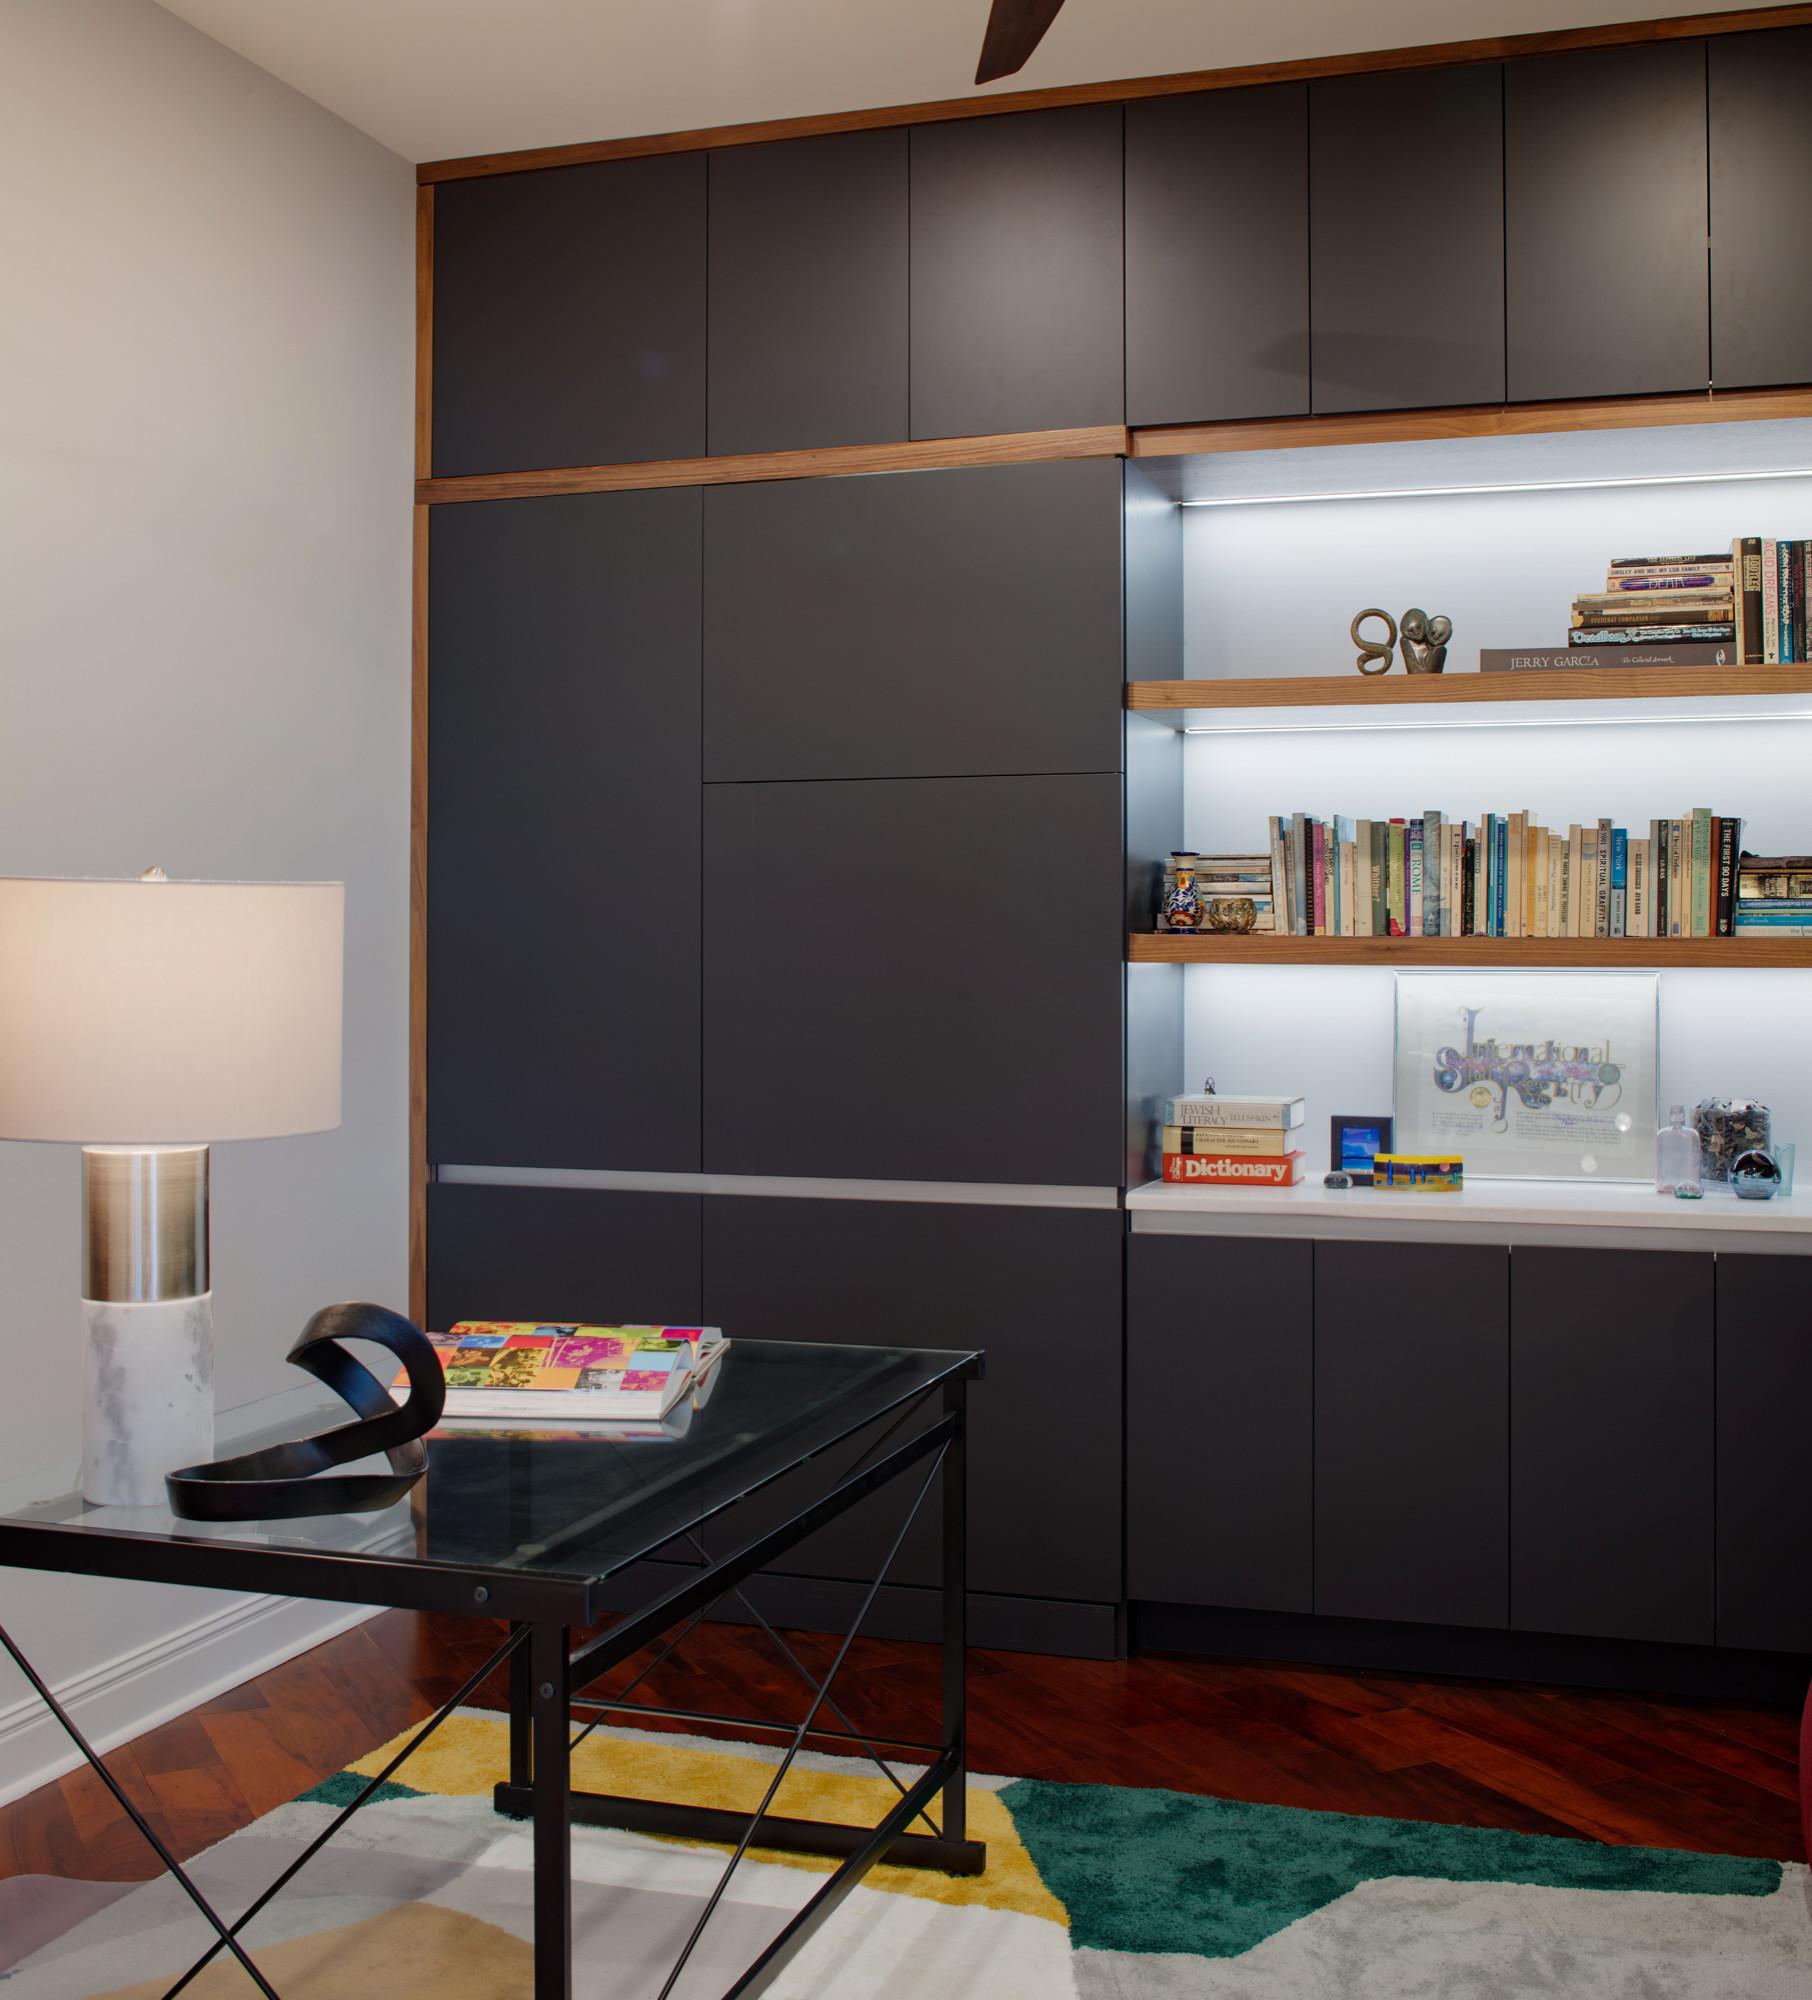 Home office with a hidden closet